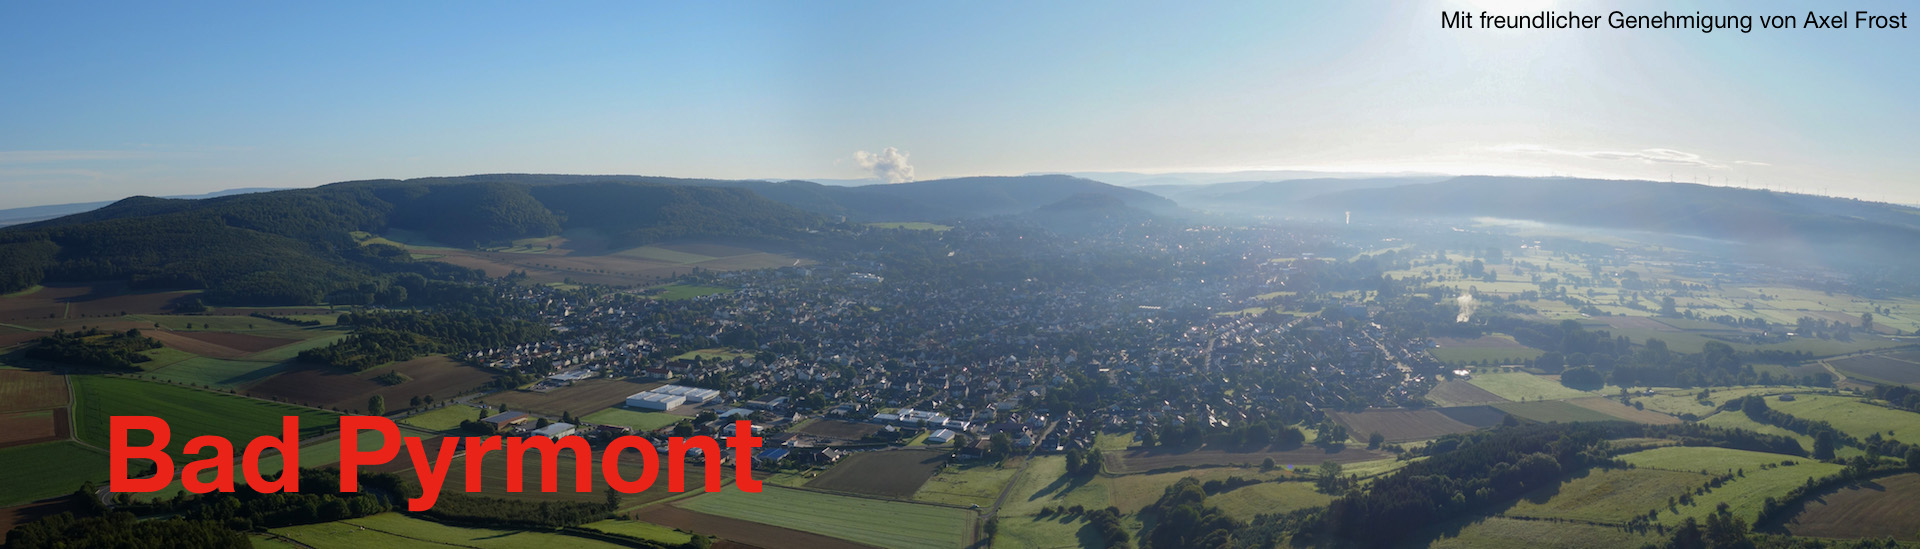 Slider Bild, Pyrmont morgens Westpanorama